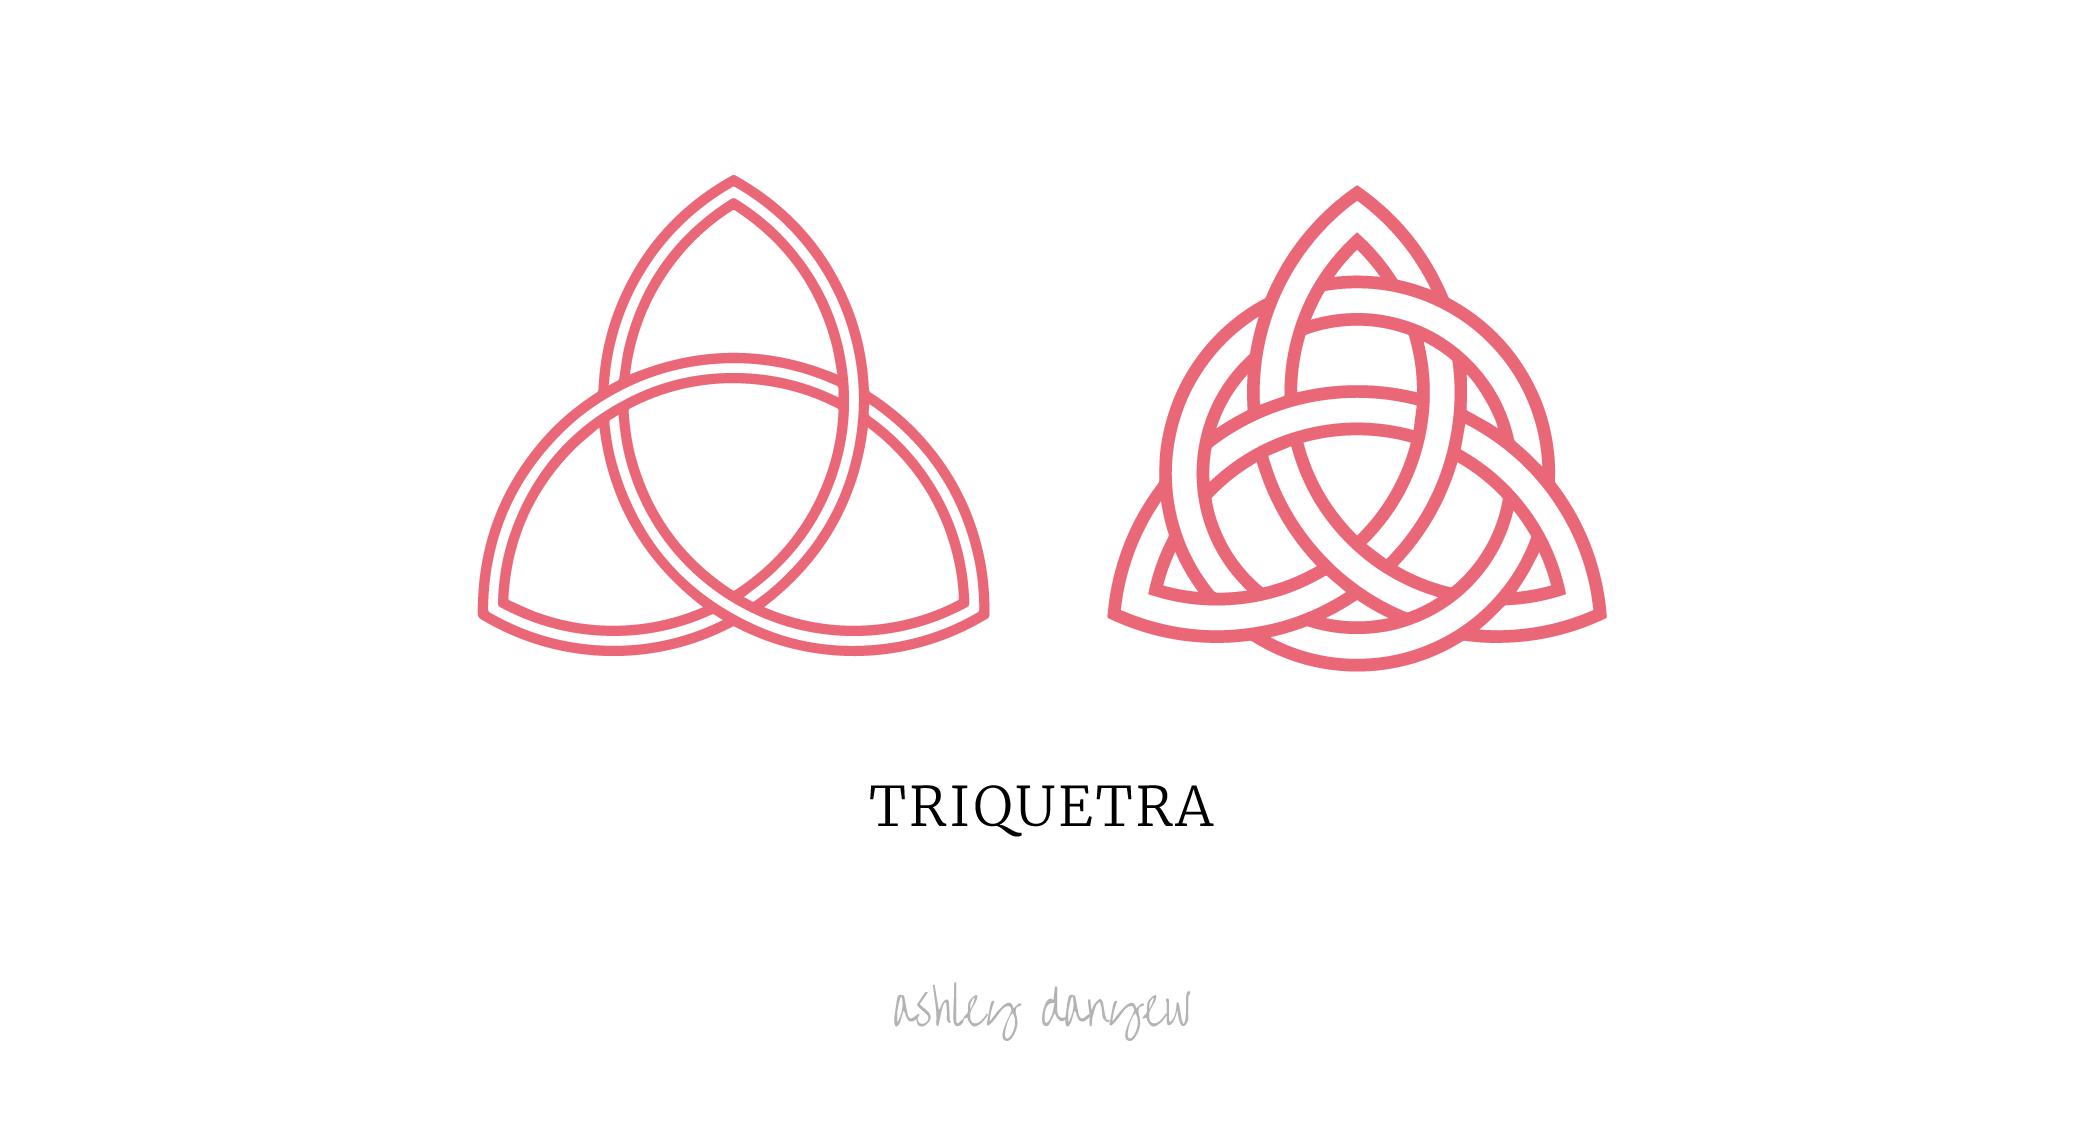 Triquetra-23.png